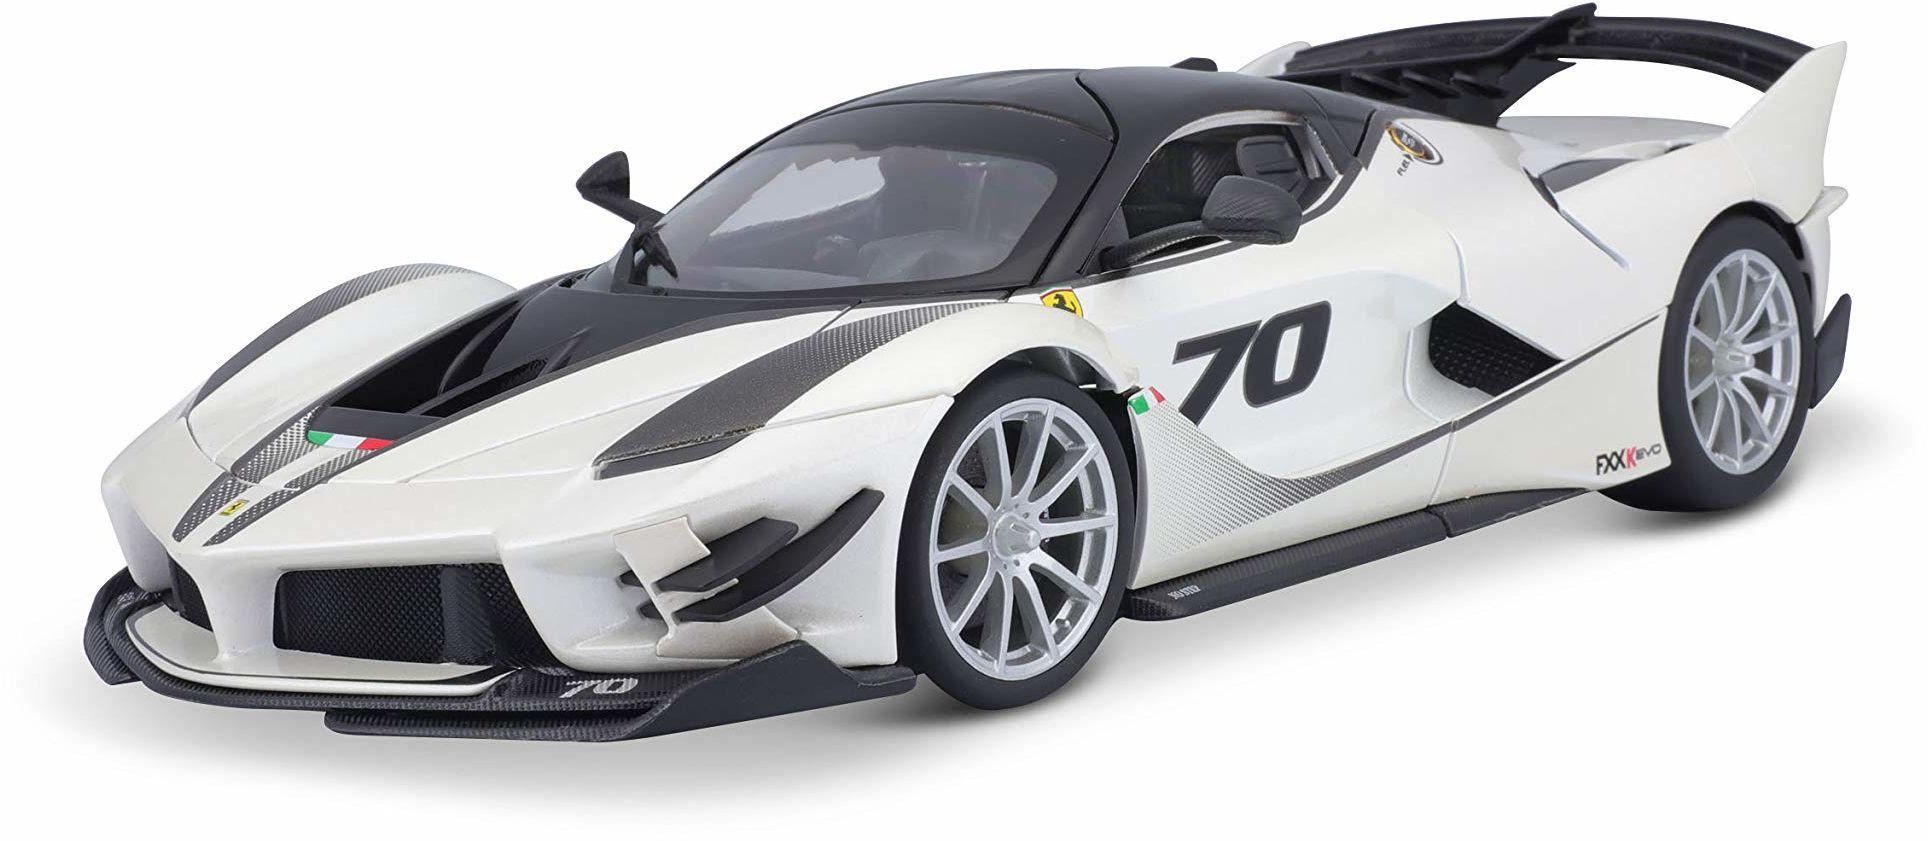 Bburago 1:18 Ferrari Fxx-K Evoluzione, szary